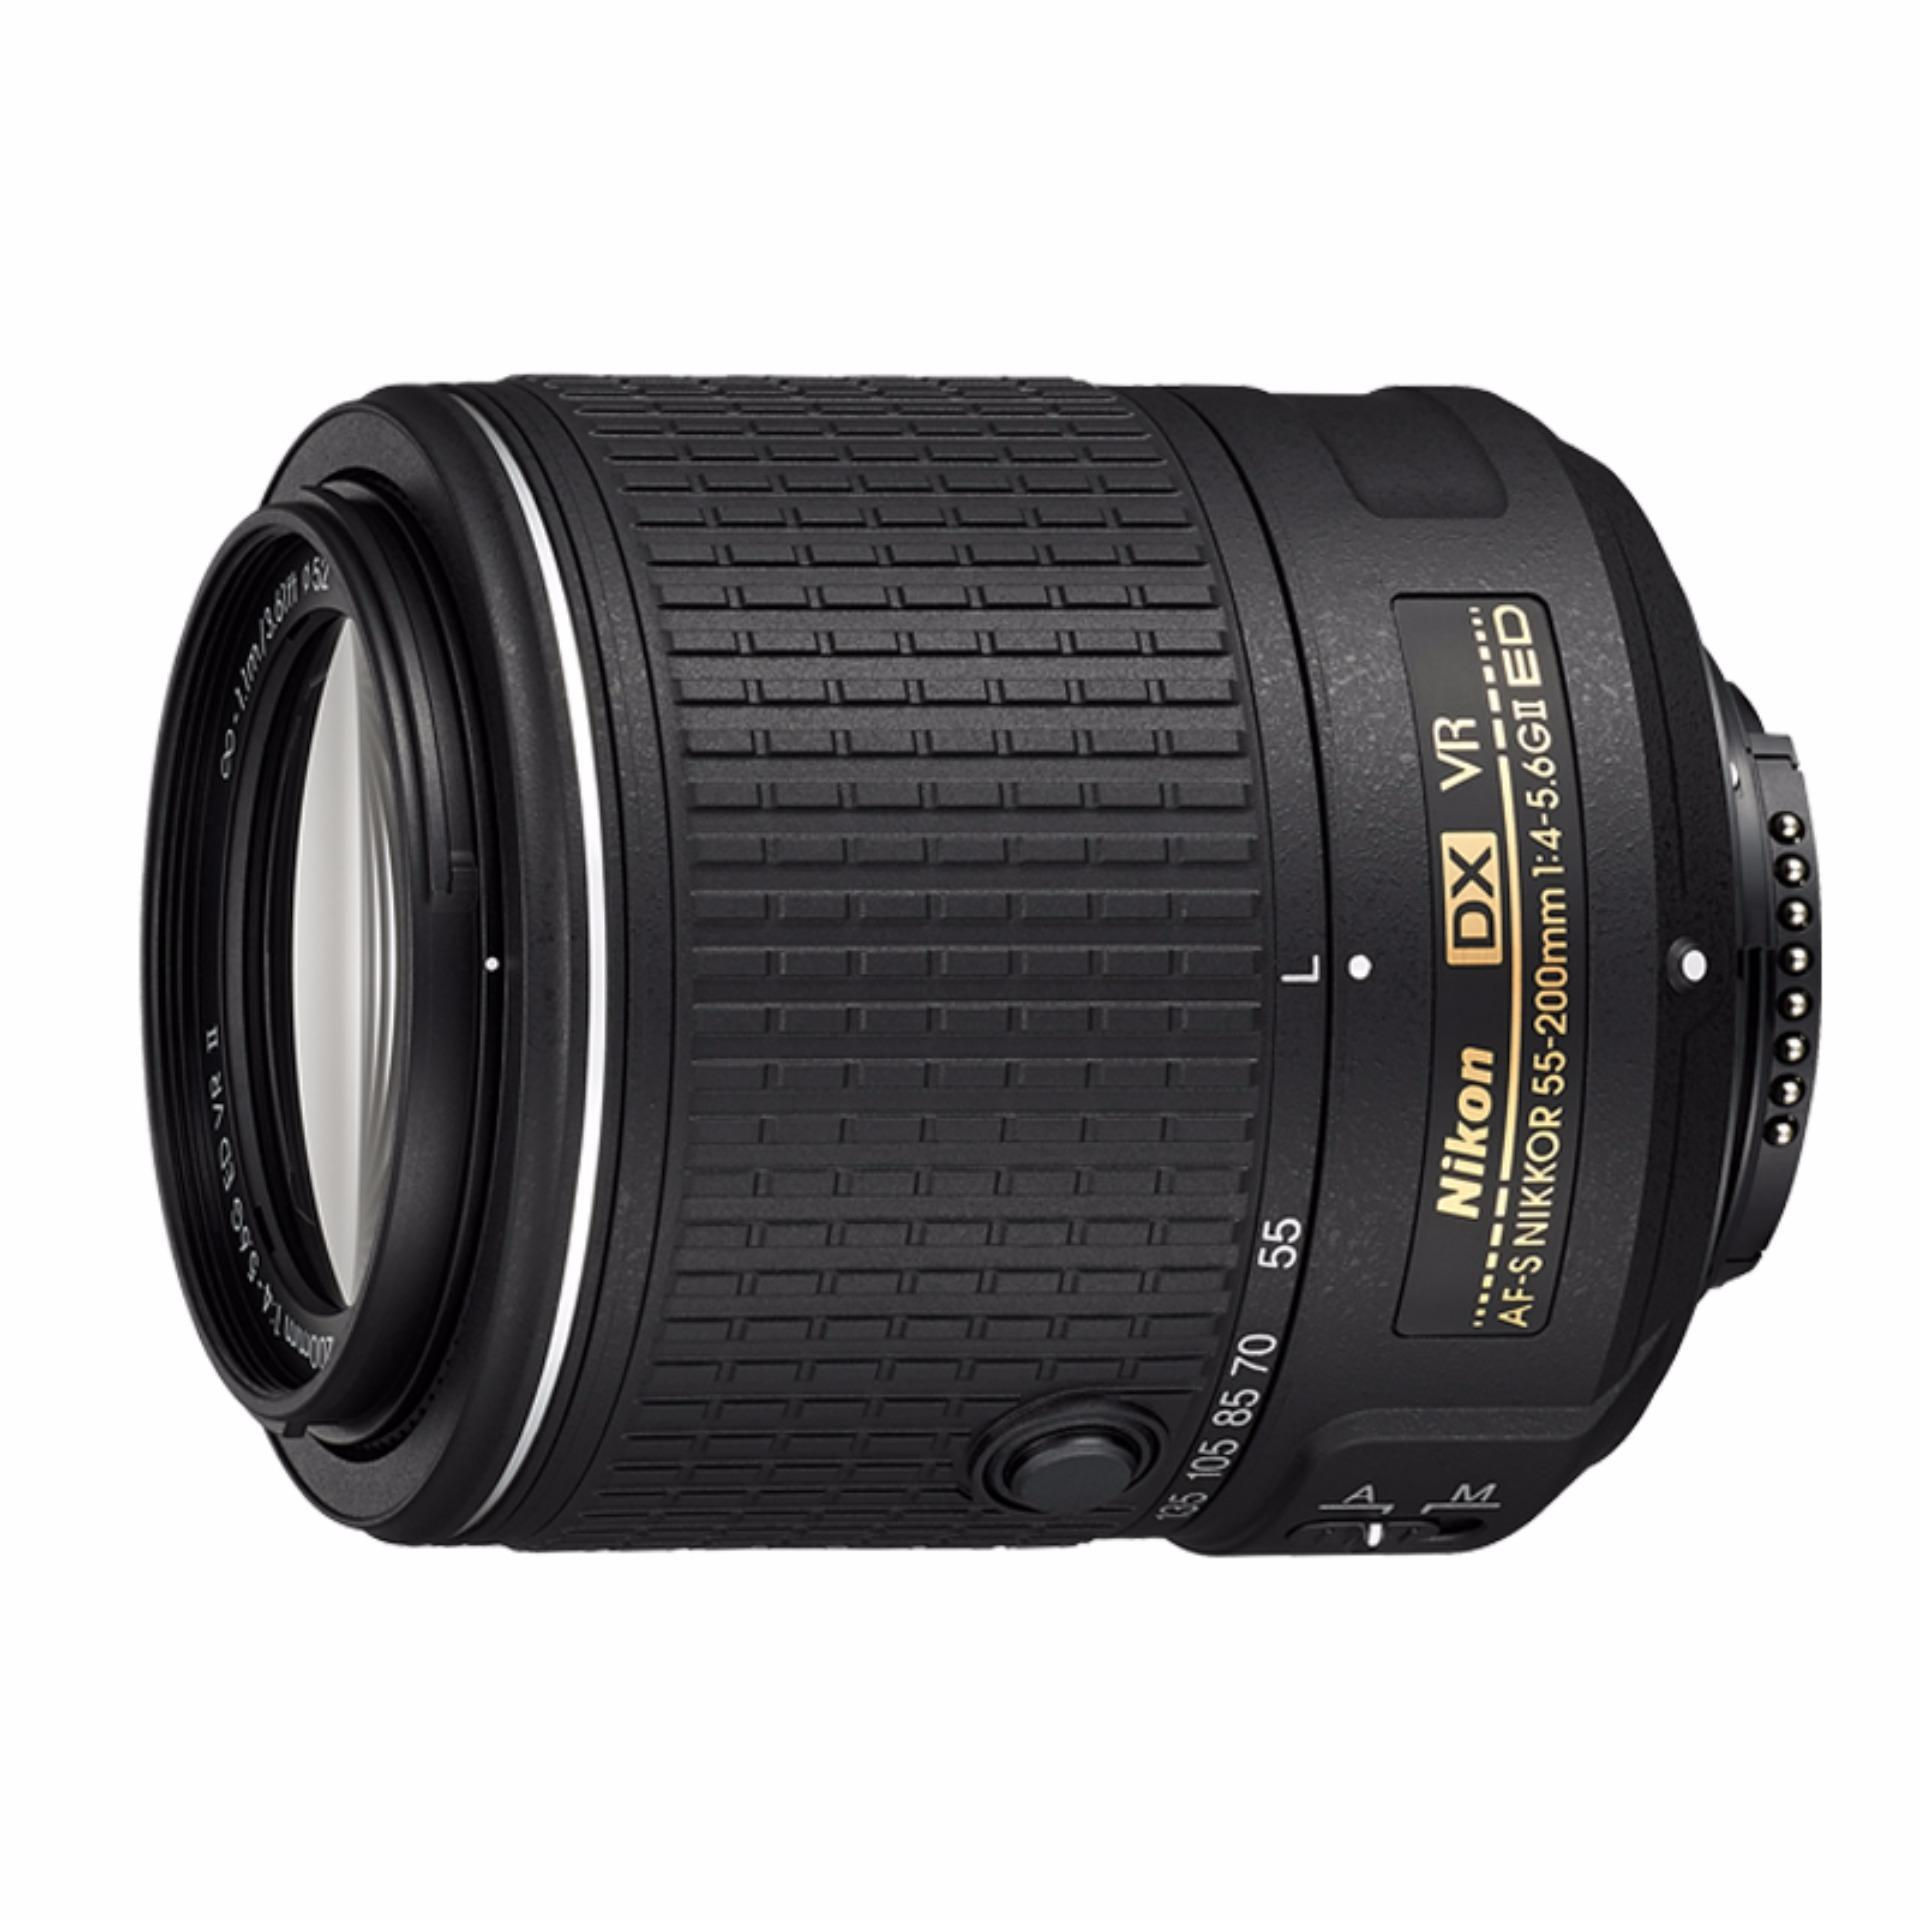 Review Toko Lensa Nikon Af S 55 200Mm F 4 5 6G Ed Dx Vr Ii Hitam Online